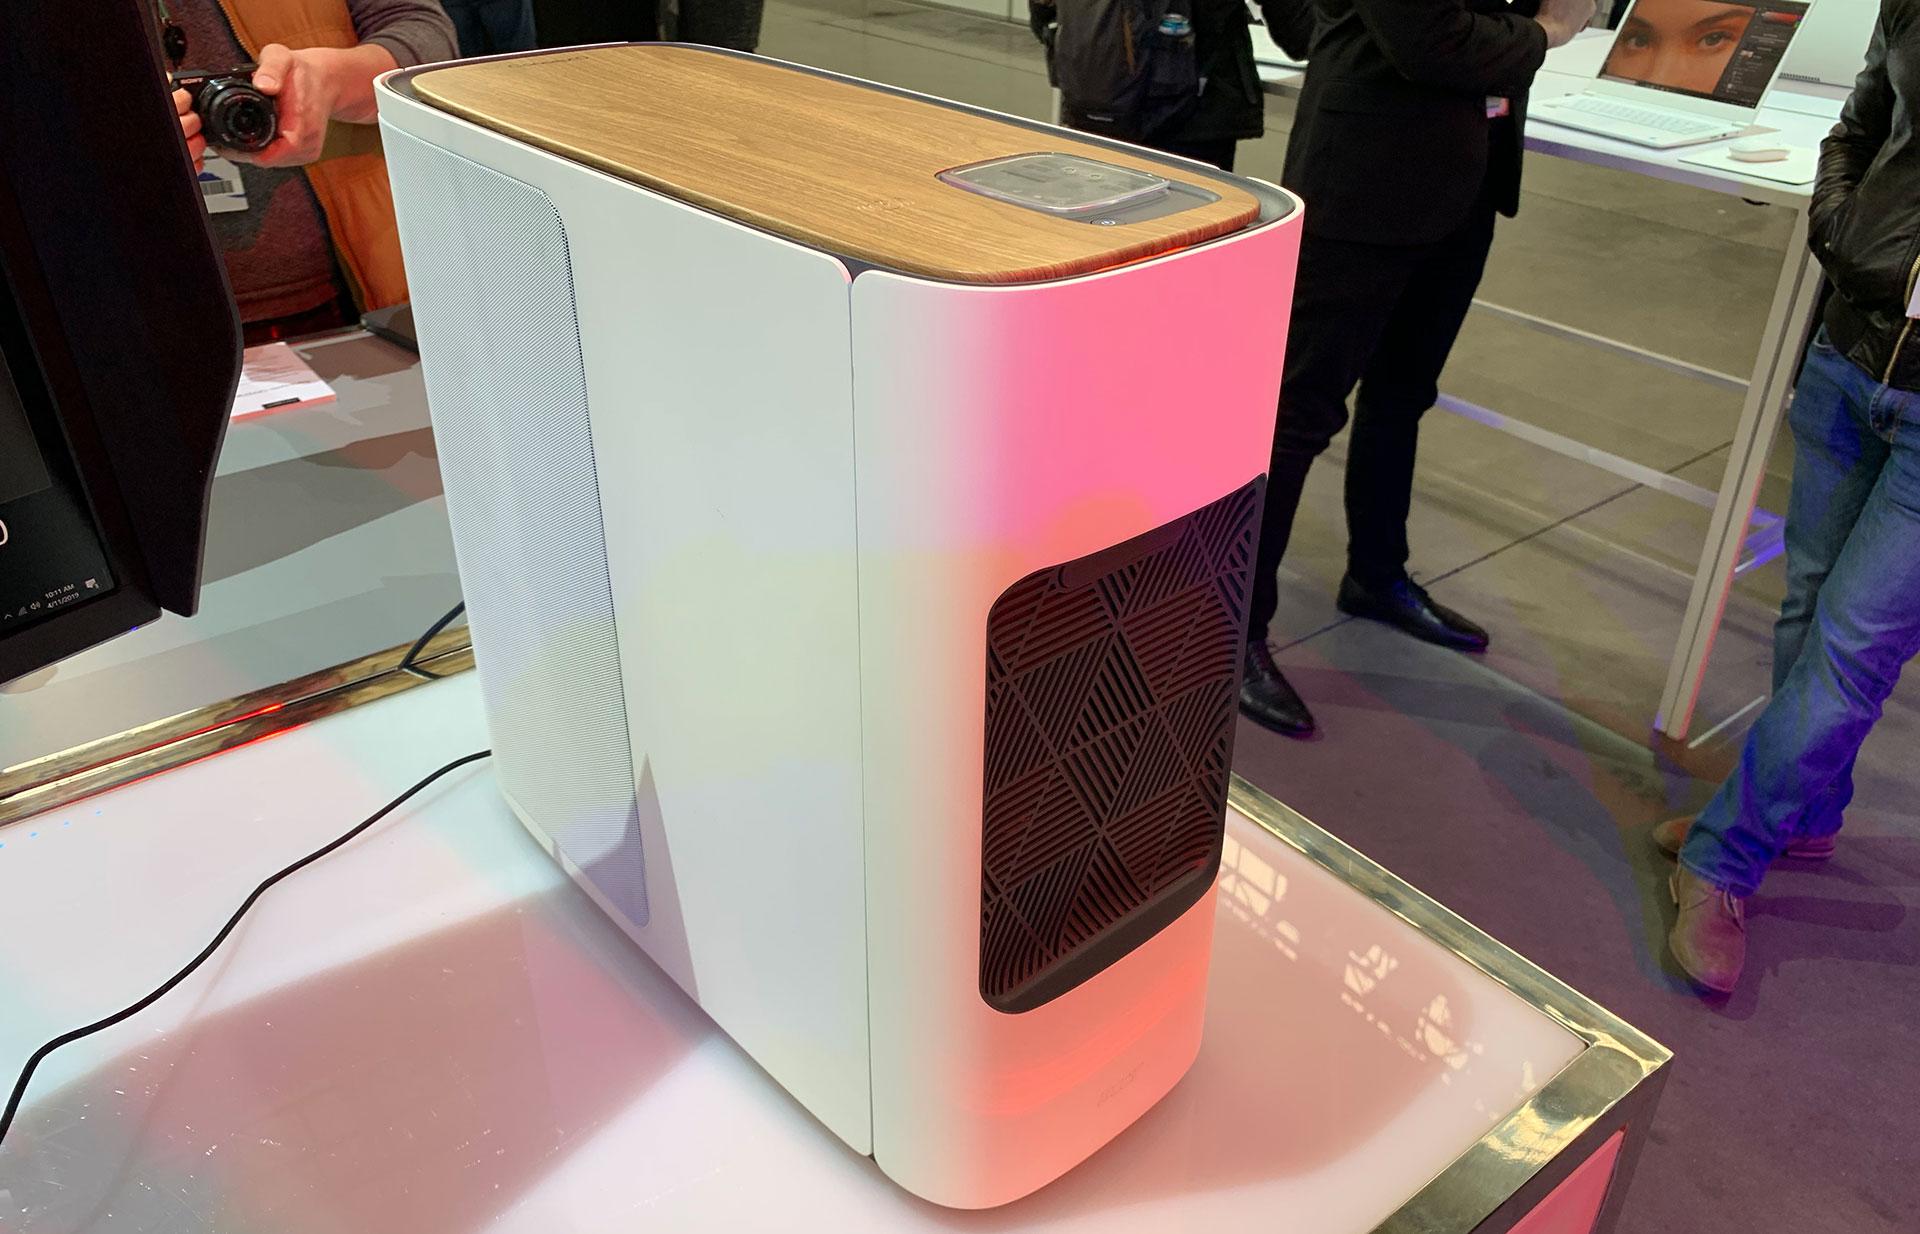 Acer в 2019: что если из игровых ноутов убрать все финтифлюшки - 13